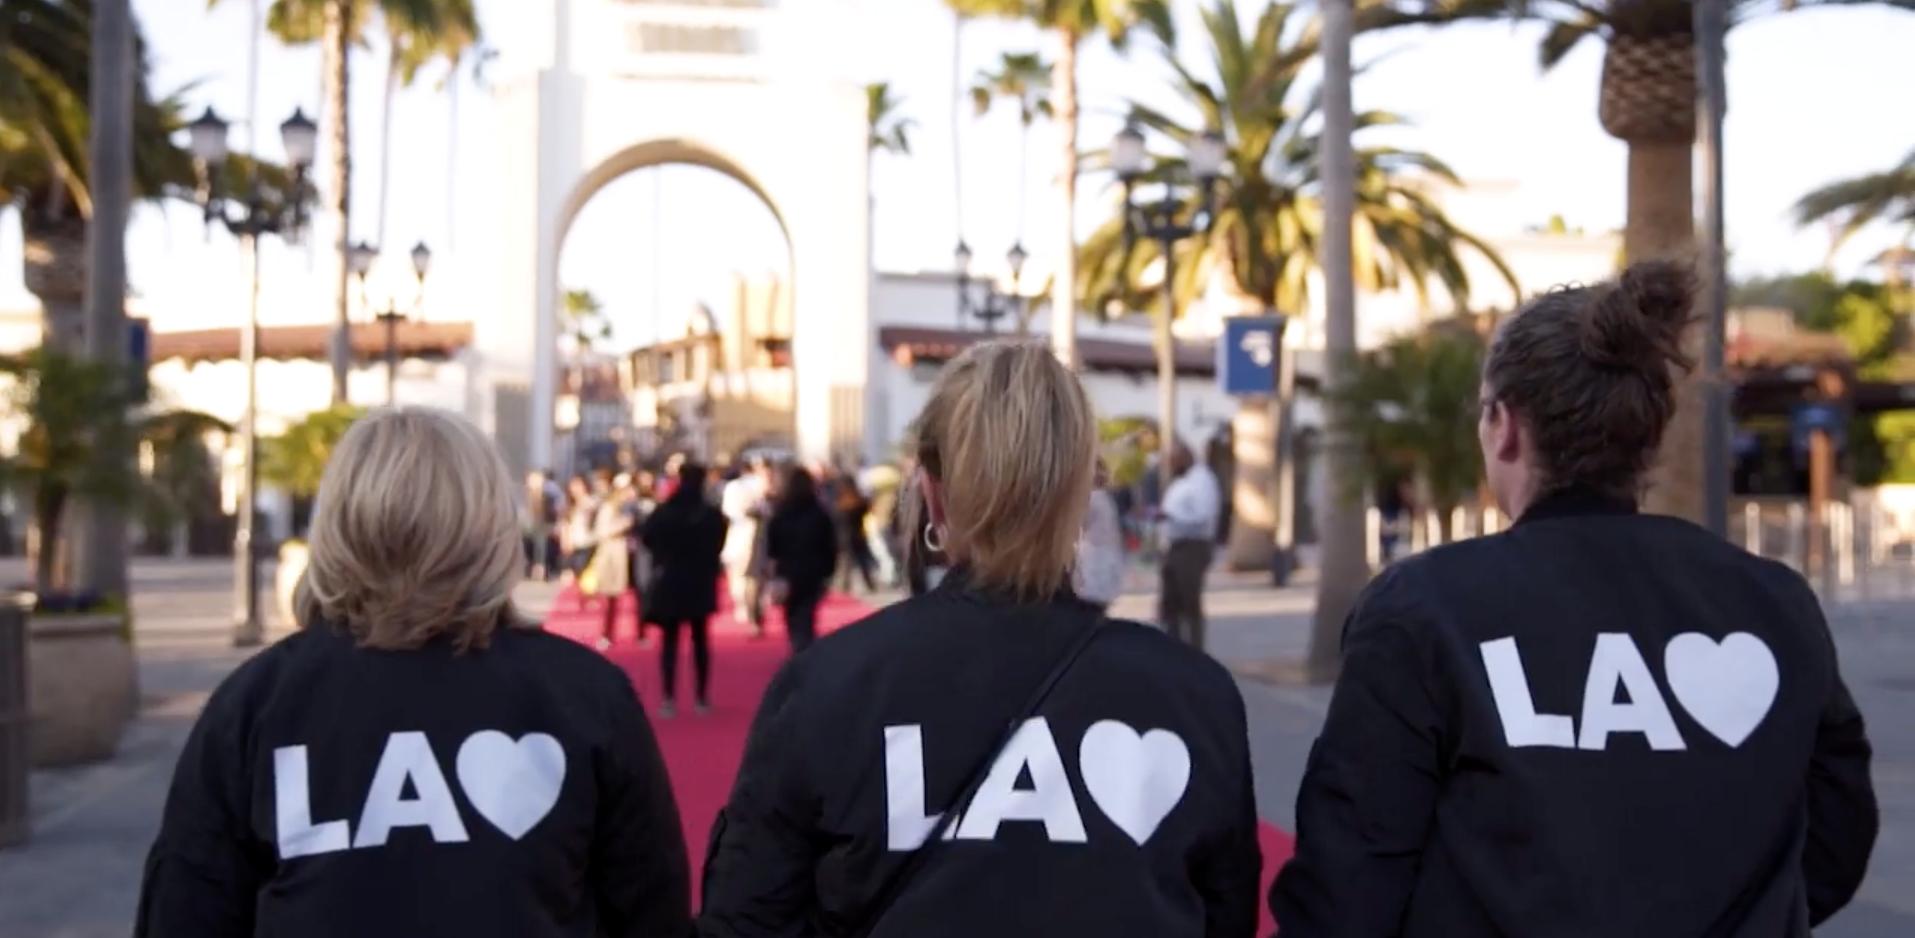 LA Staff in branded jackets